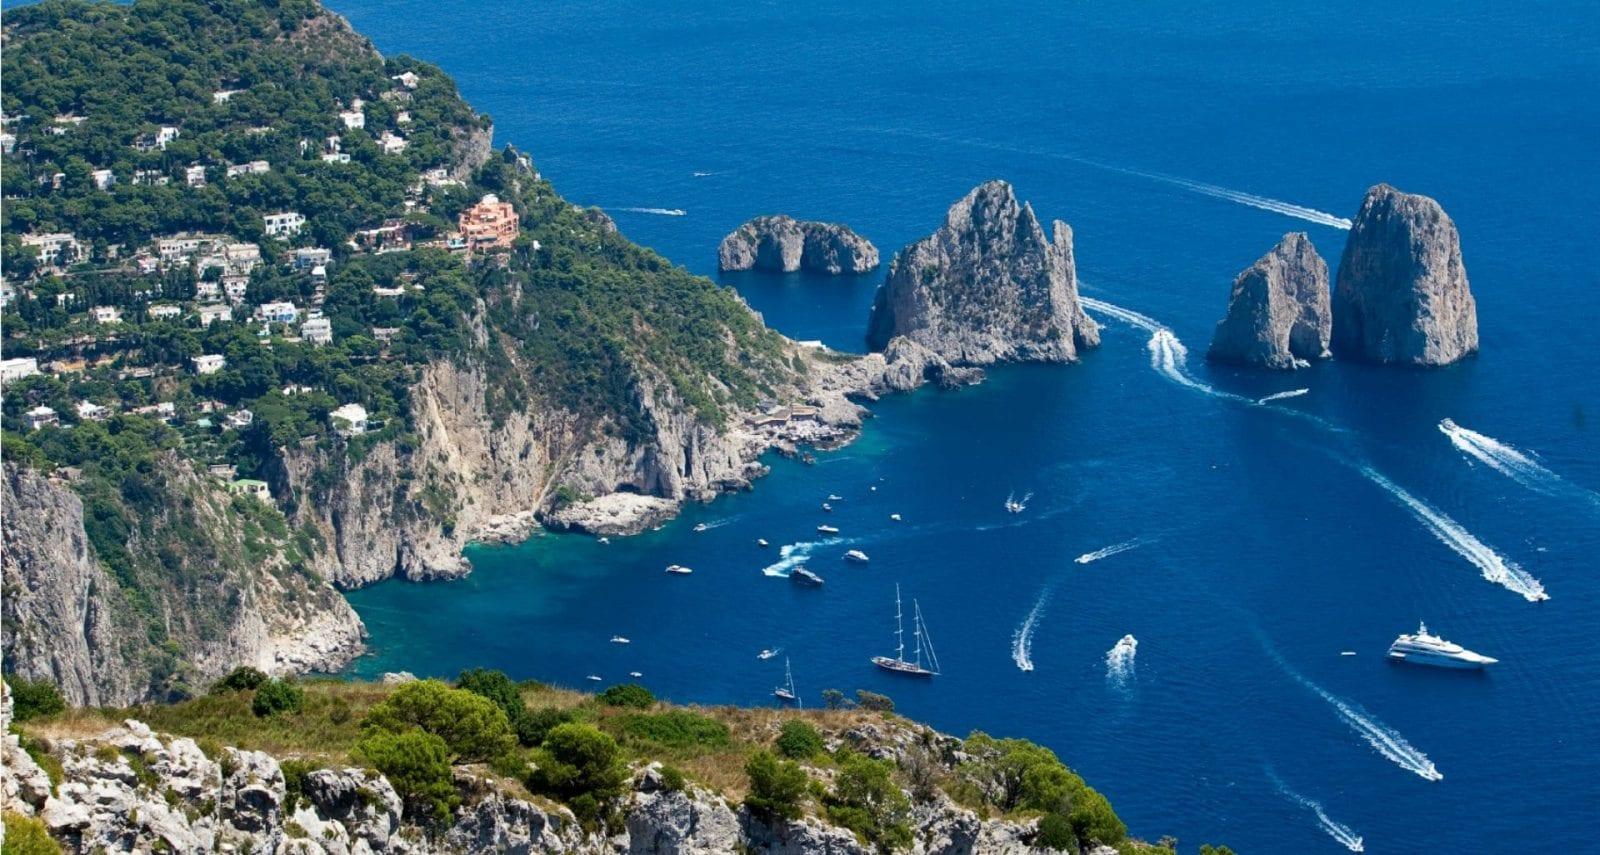 Noleggio Yacht Capri, Ischia, Isole Pontine